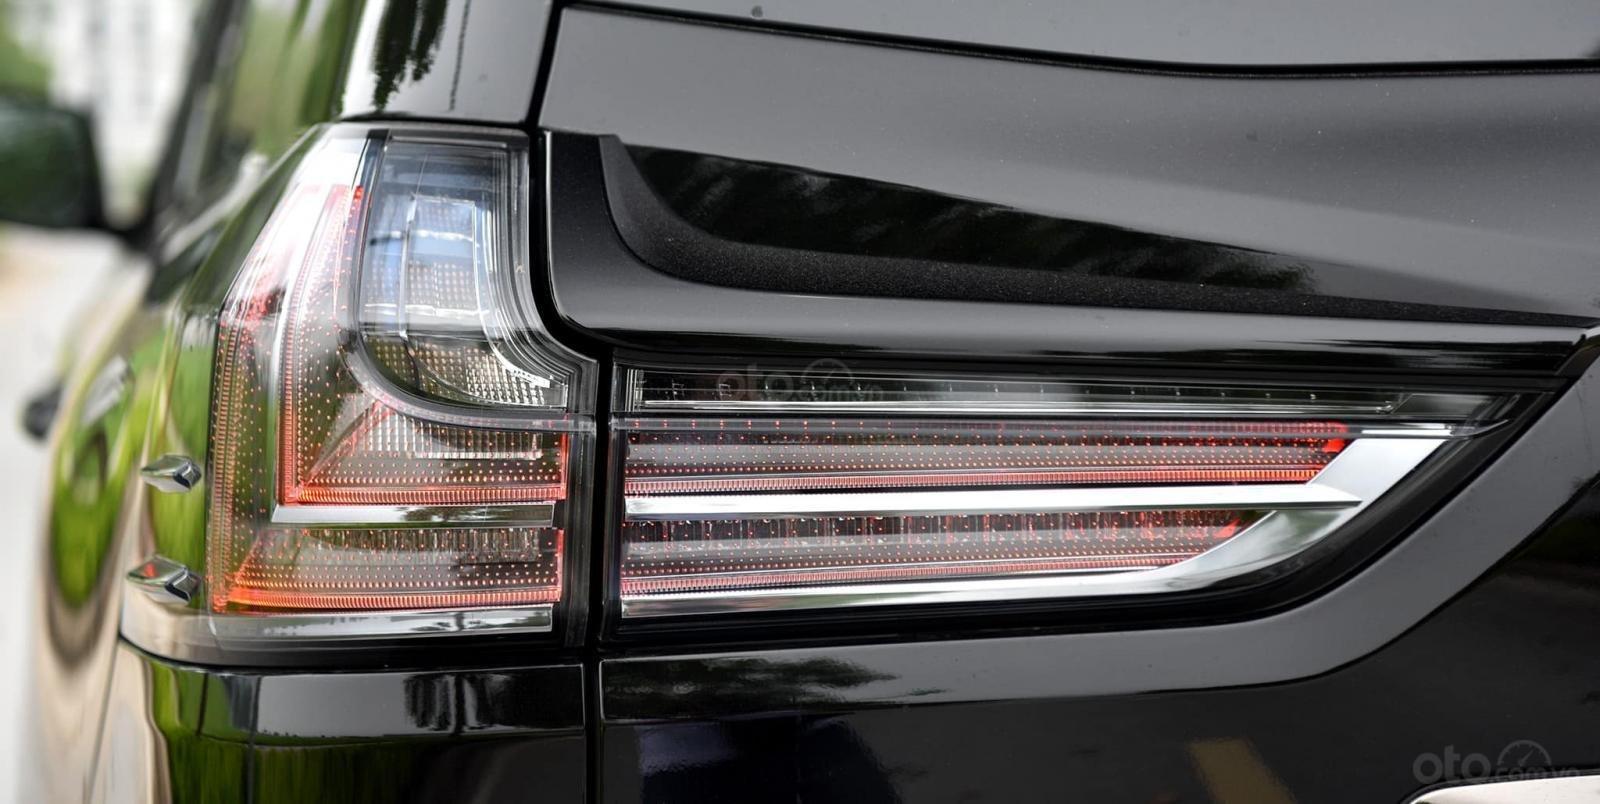 Giao ngay Lexus LX LX570 Inspiration 2019 giá tốt, phiên bản giới hạn 500 xe duy nhất (9)